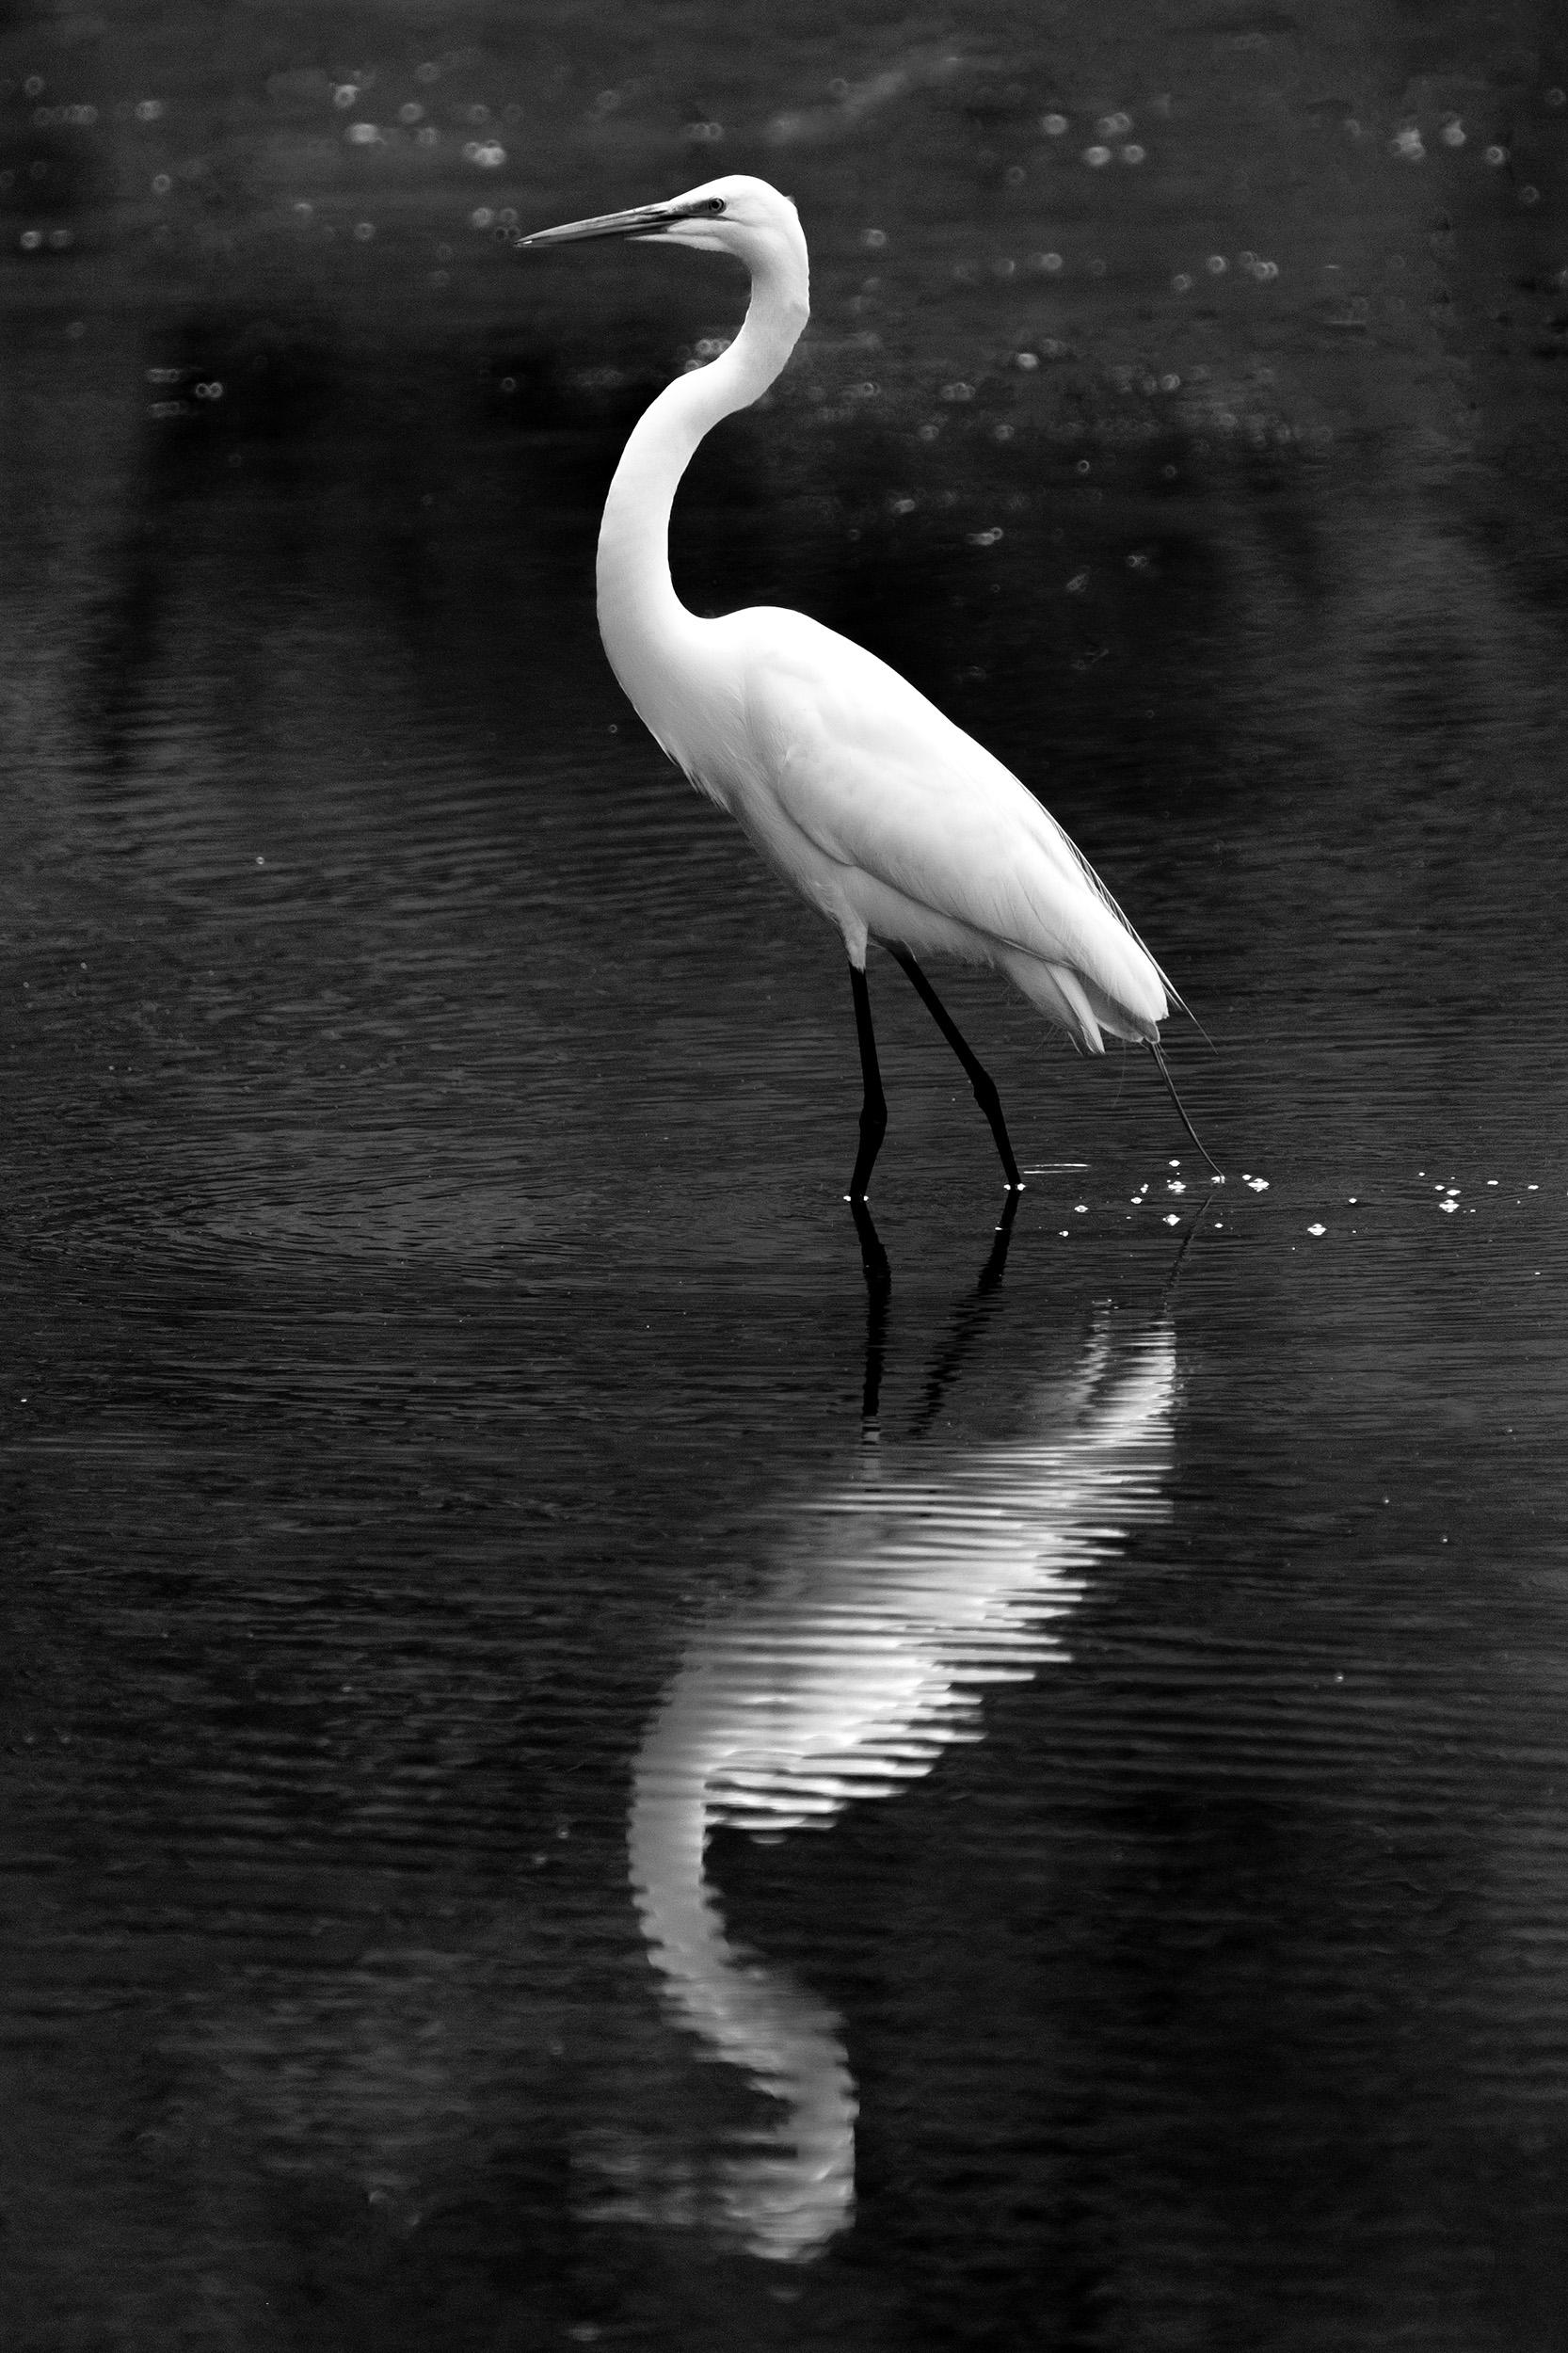 190509 XT2 Canal Birds  101-1 flt bw.jpg